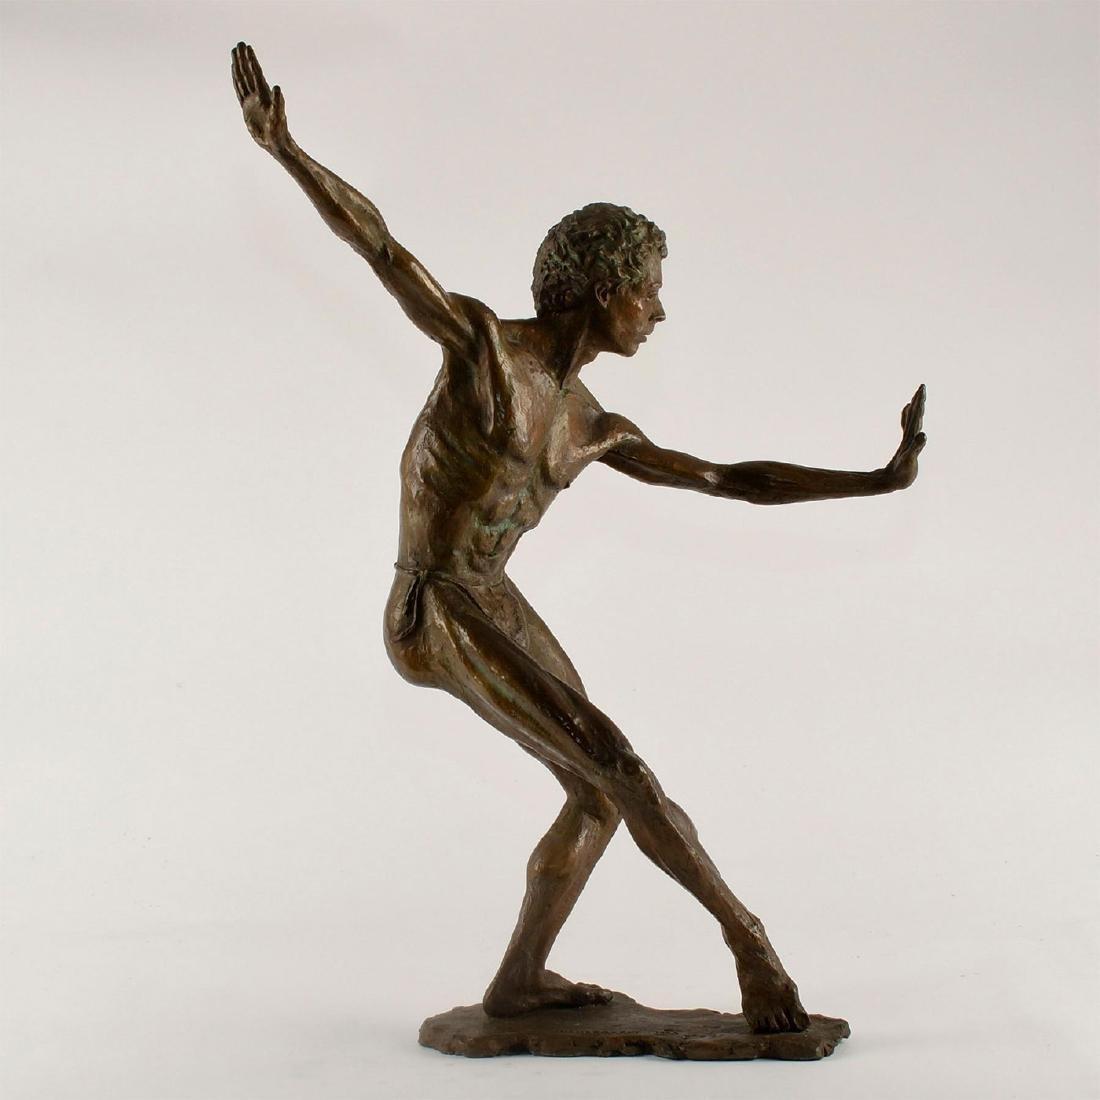 BRONZE SCULPTURE OF DANCER BY DAVID HEUNEGARDT